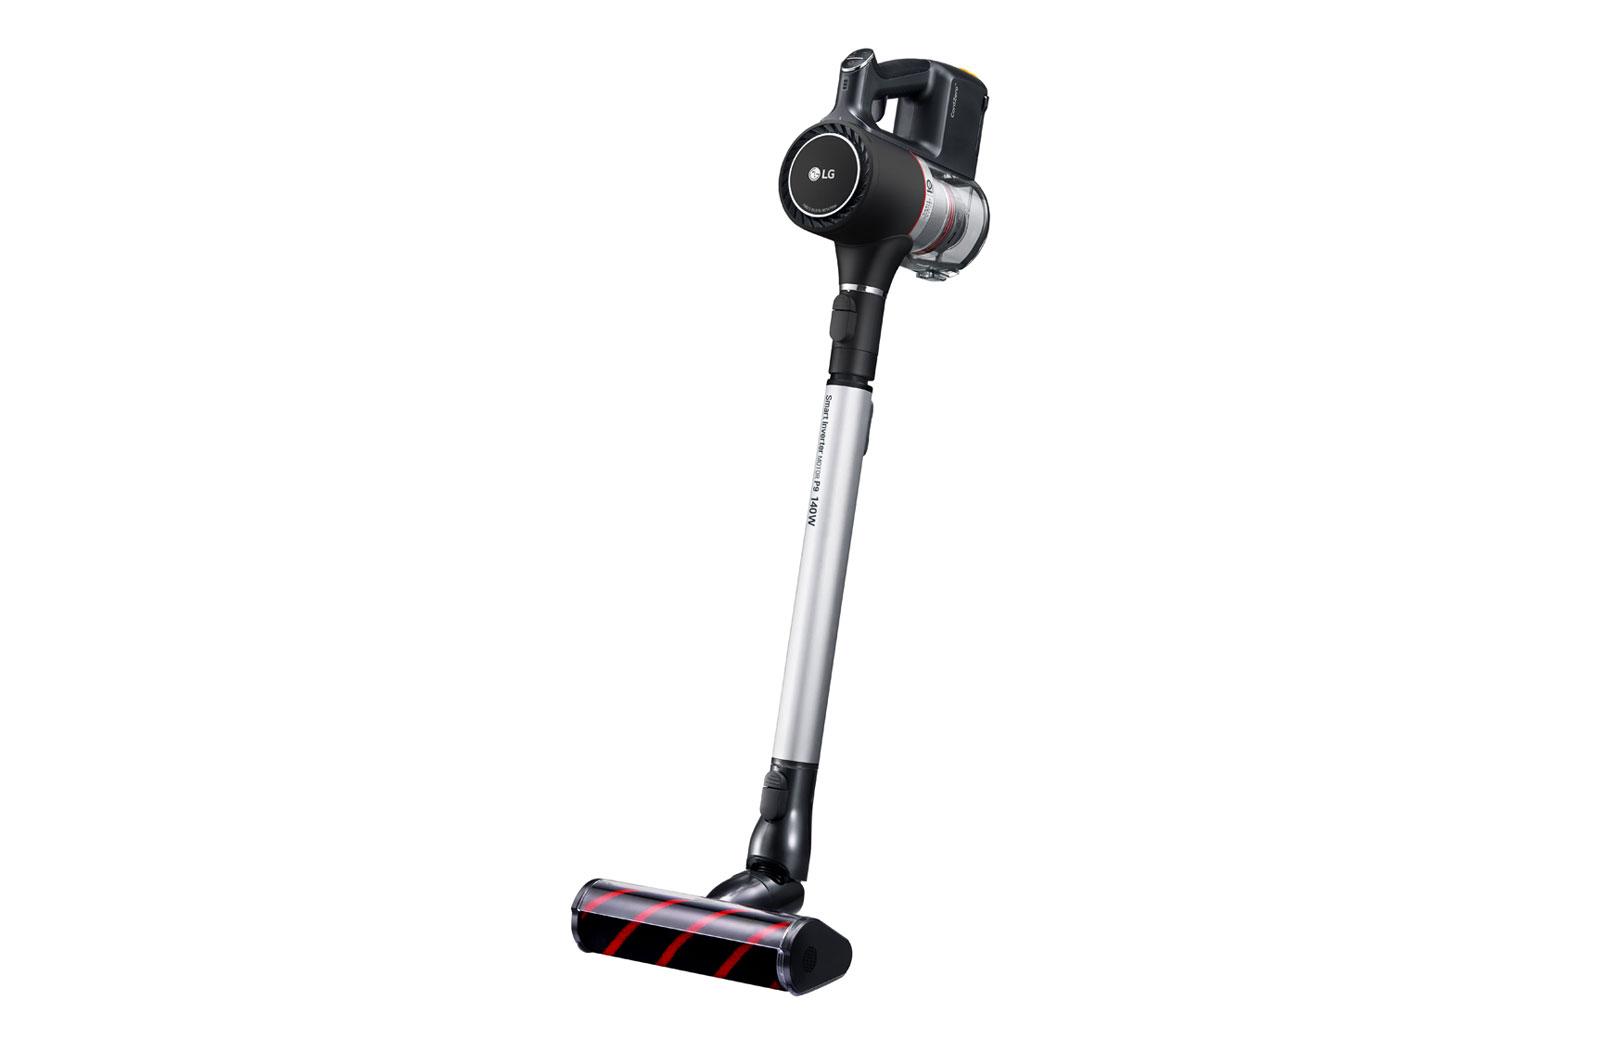 (お取り寄せ)LG コードレス掃除機「CordZero」A9MASTER2X (マットブラック)